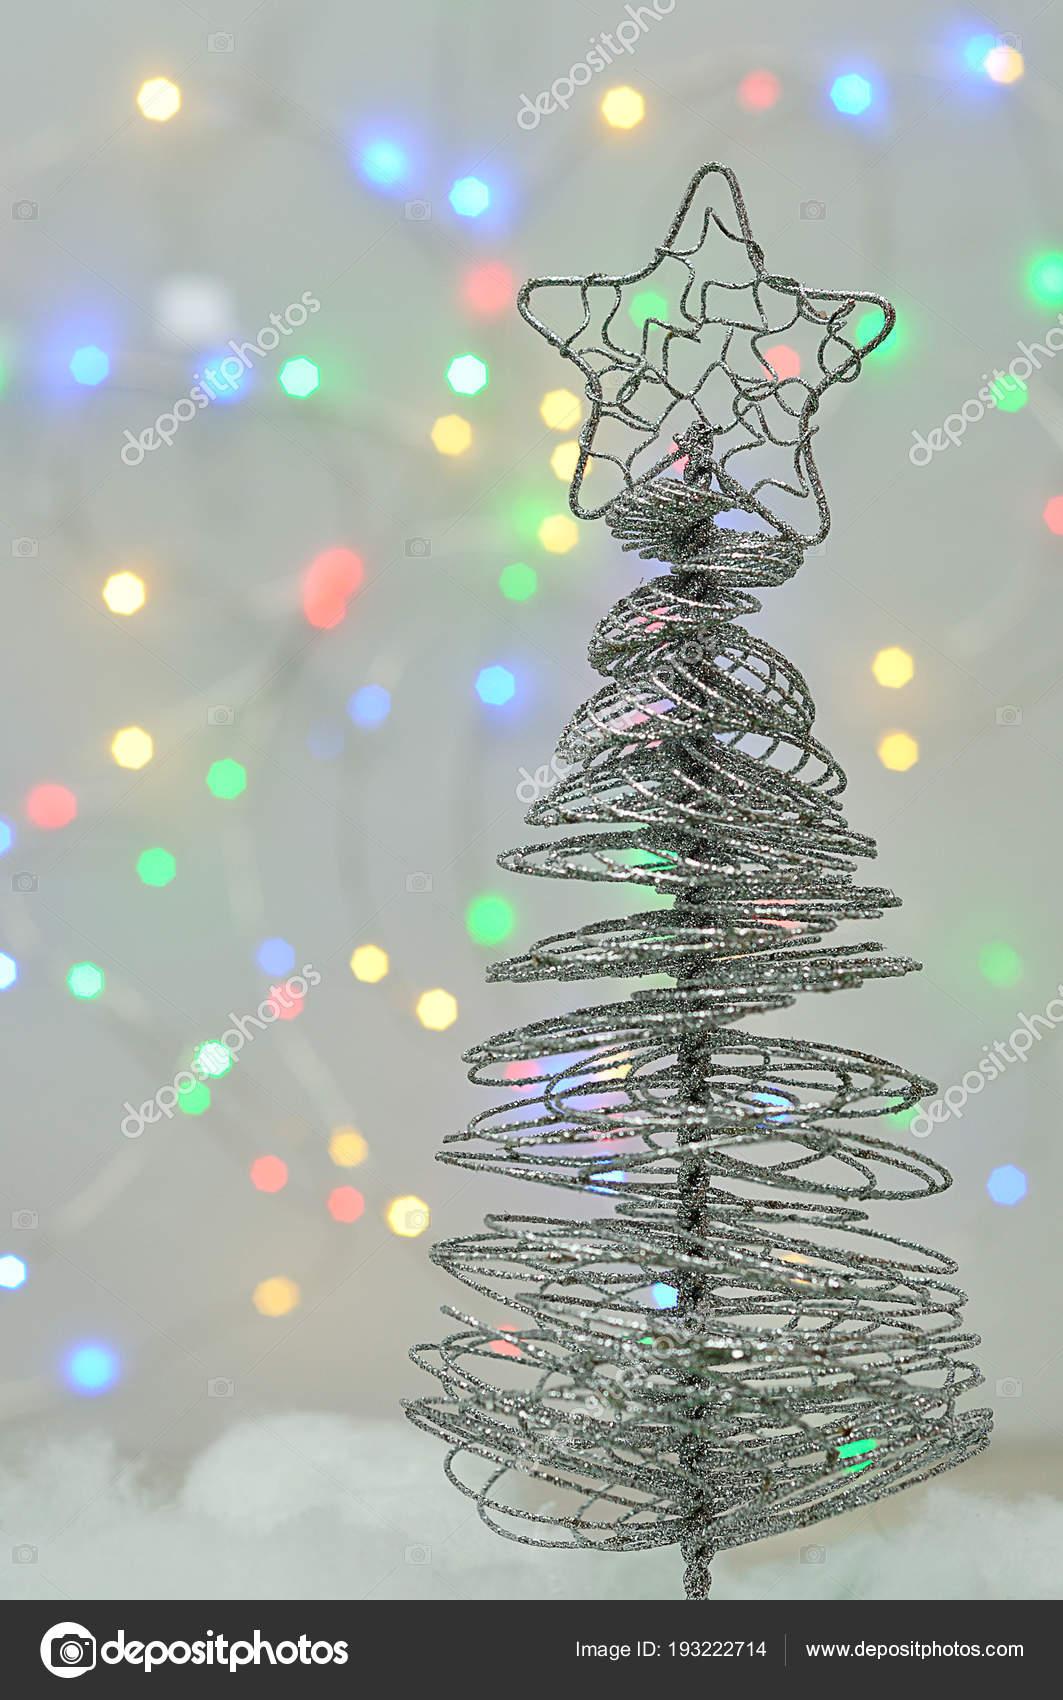 Weihnachtsbaum Draht ein weihnachtsbaum aus draht gegen ein außerhalb des fokus hellen